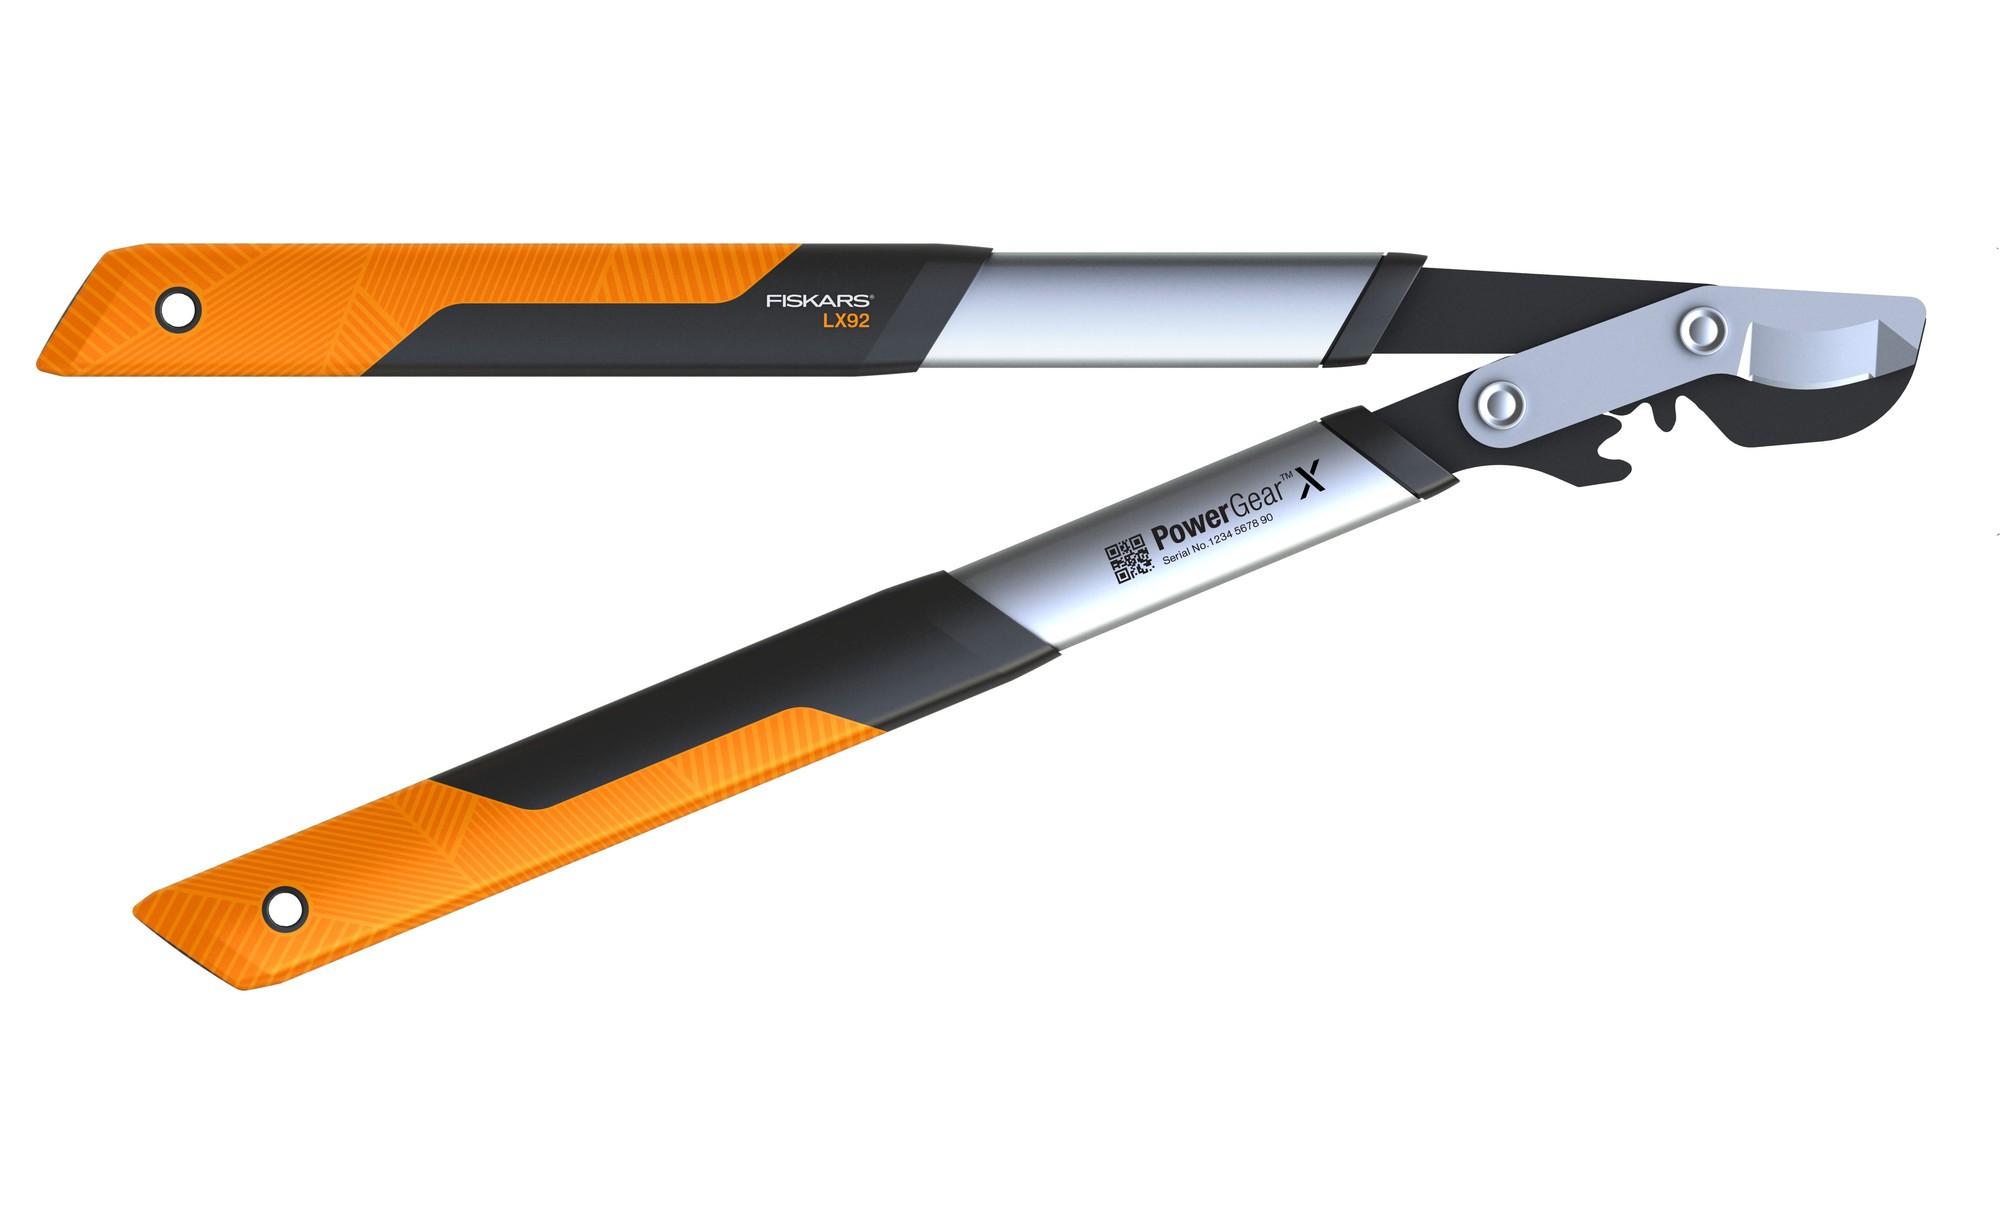 Powergear x takkenschaar bypass lx92 s 54 cm